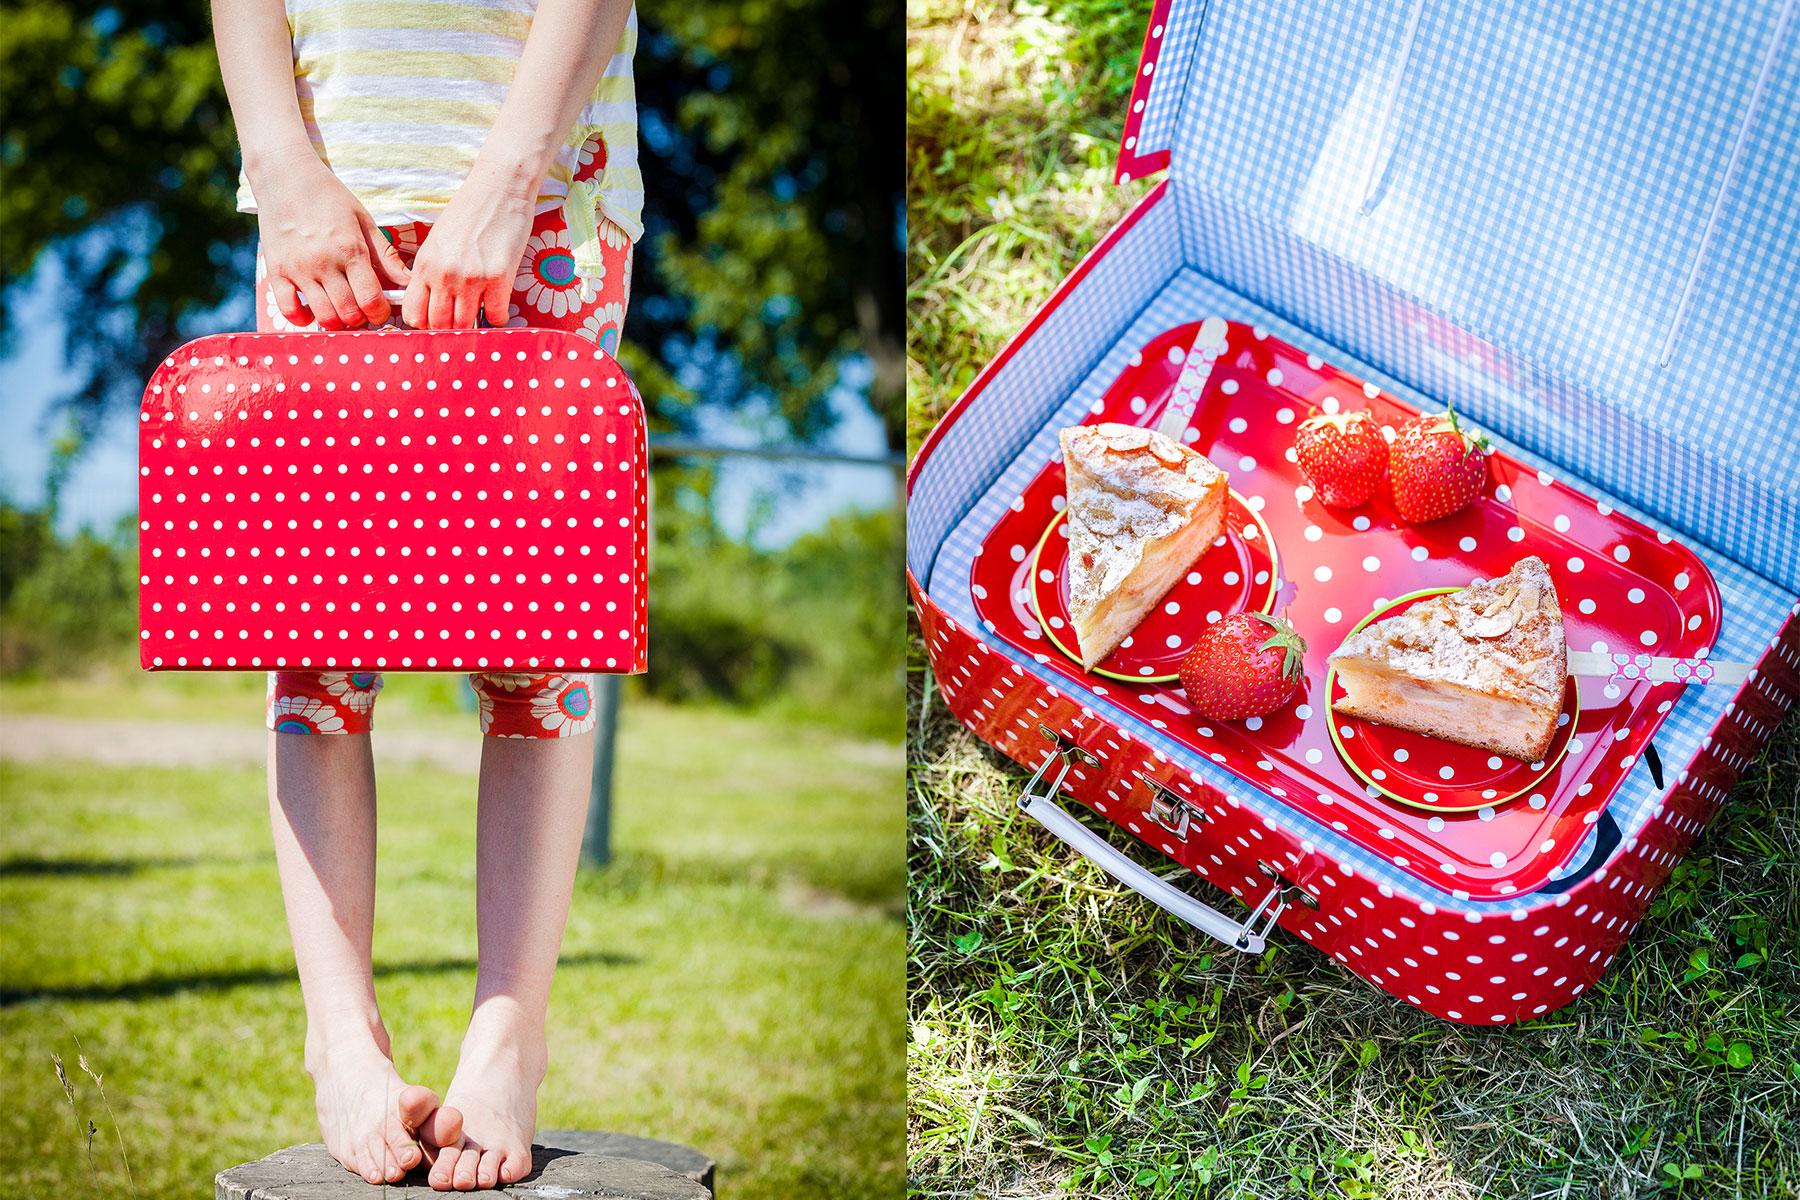 romantisches picknick was mitnehmen marl